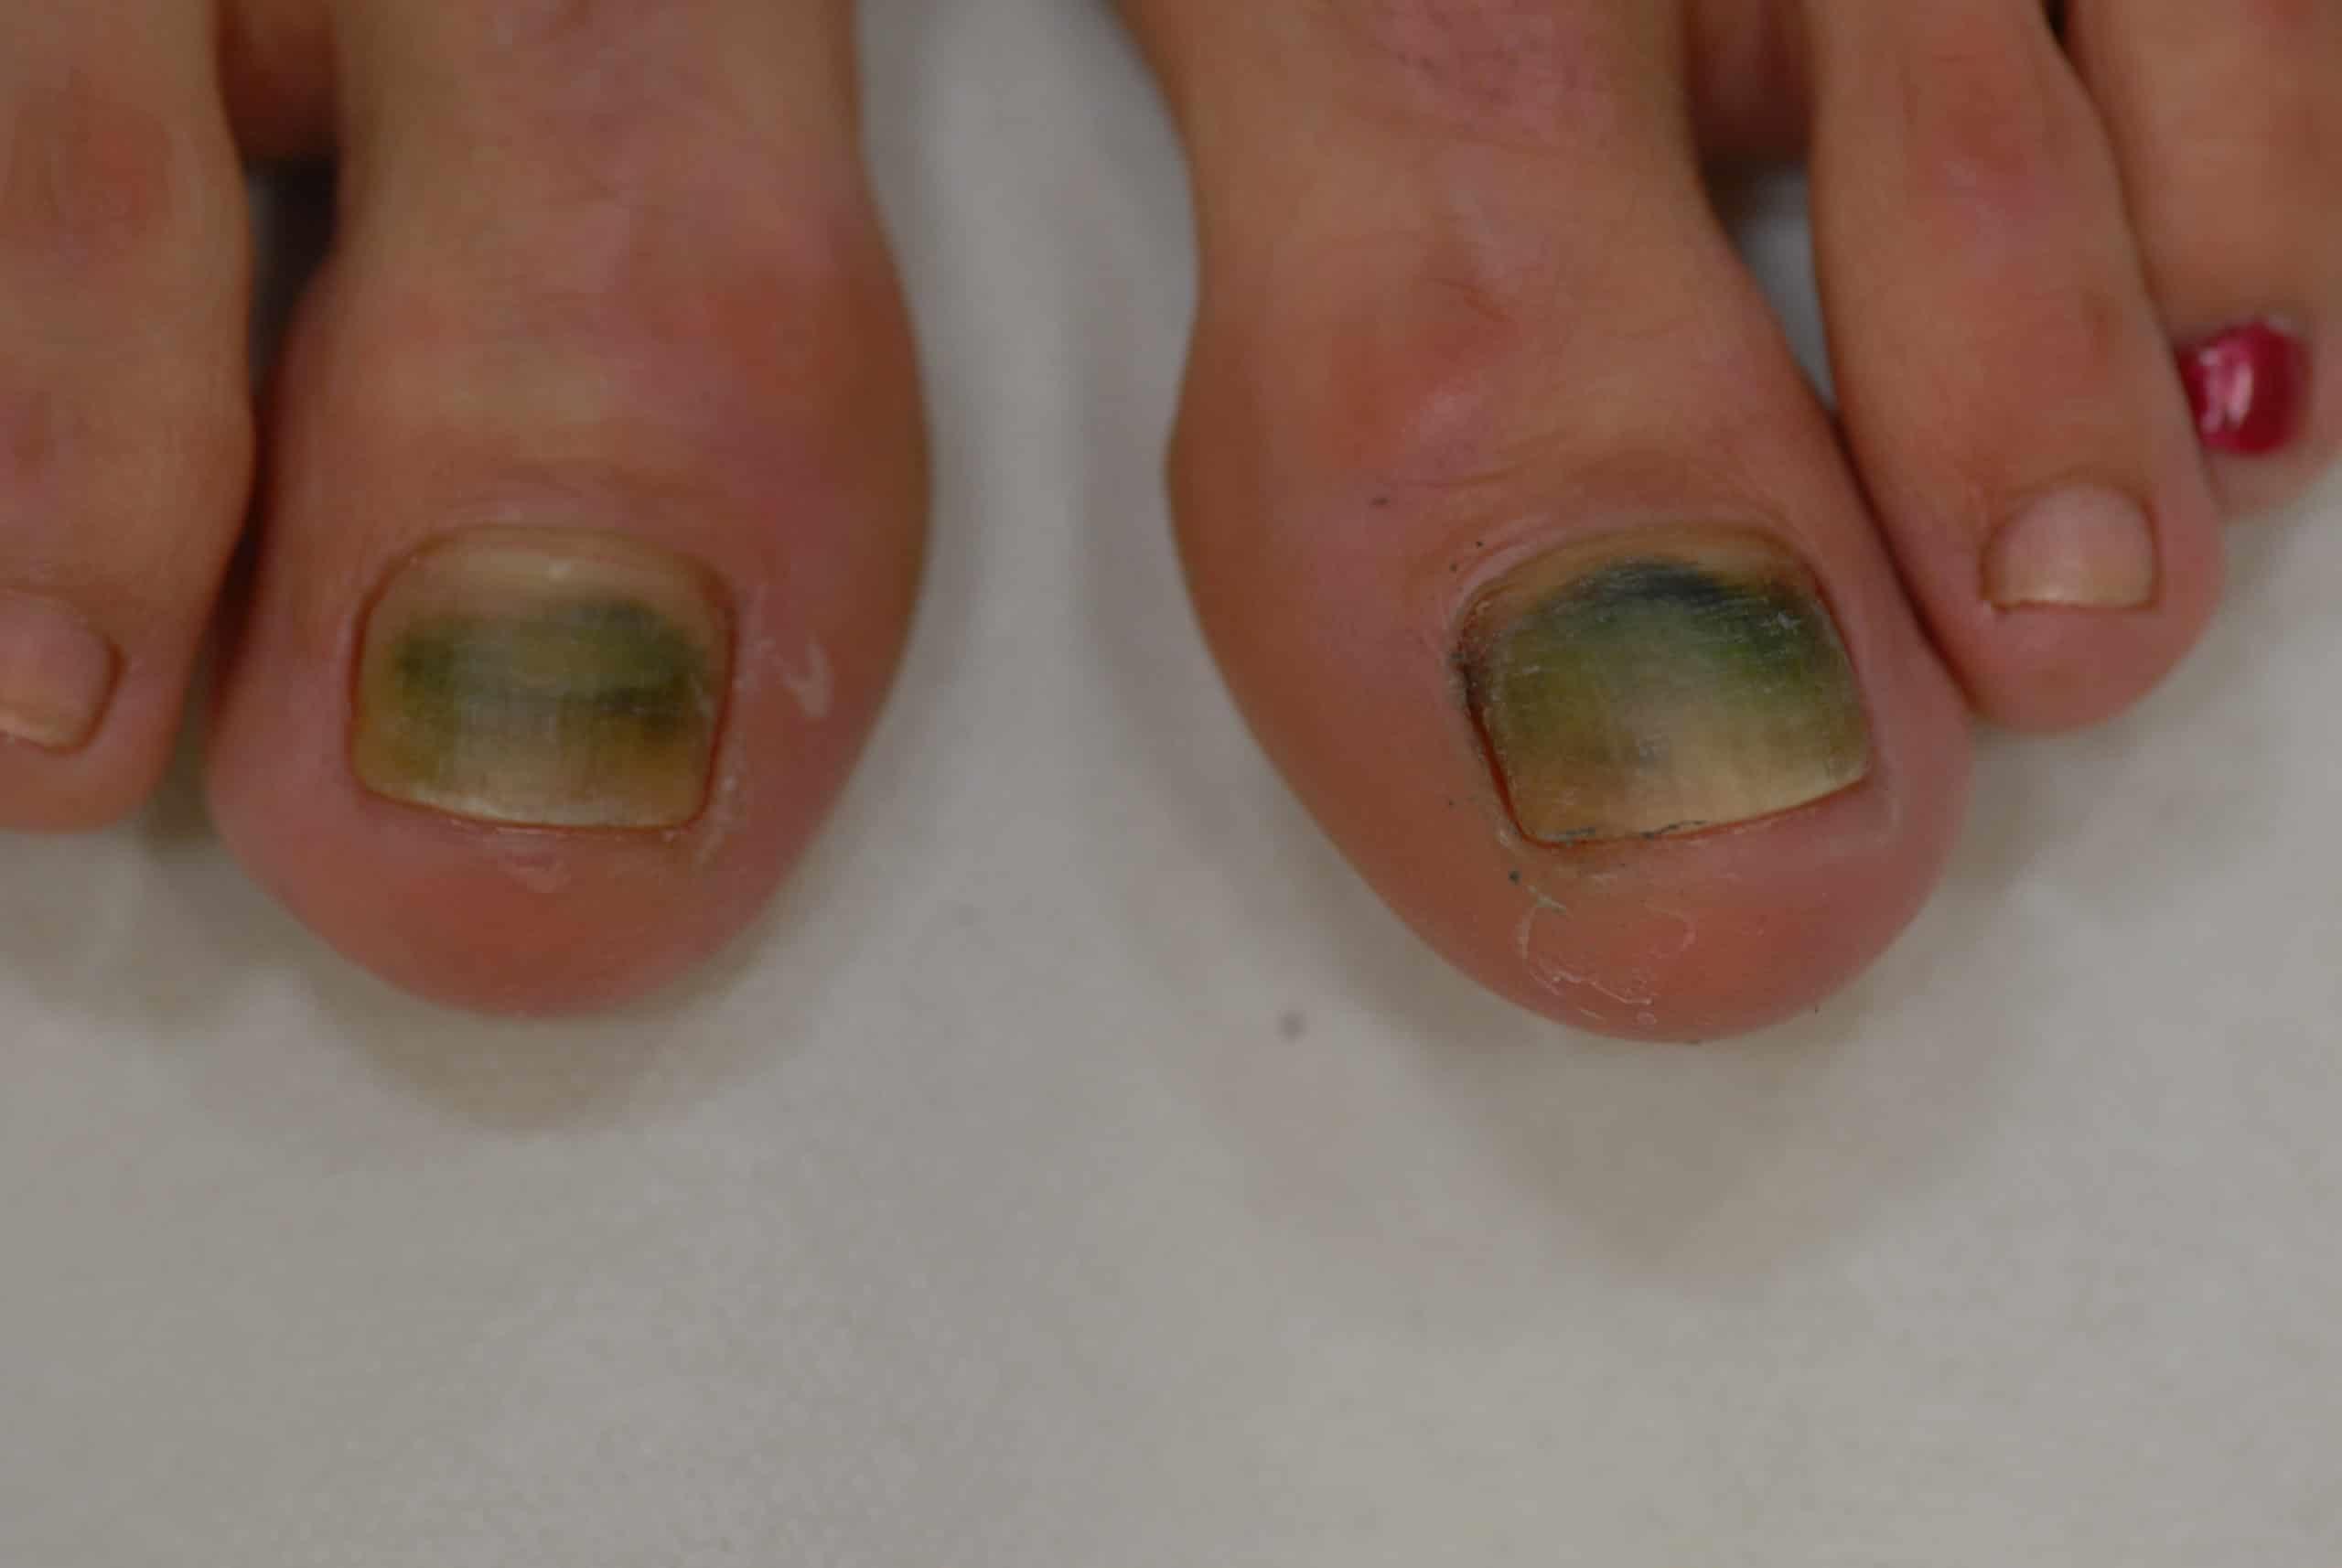 Grüne Nägel (Chloronychie) - Ursachen und Therapie | derma.plus